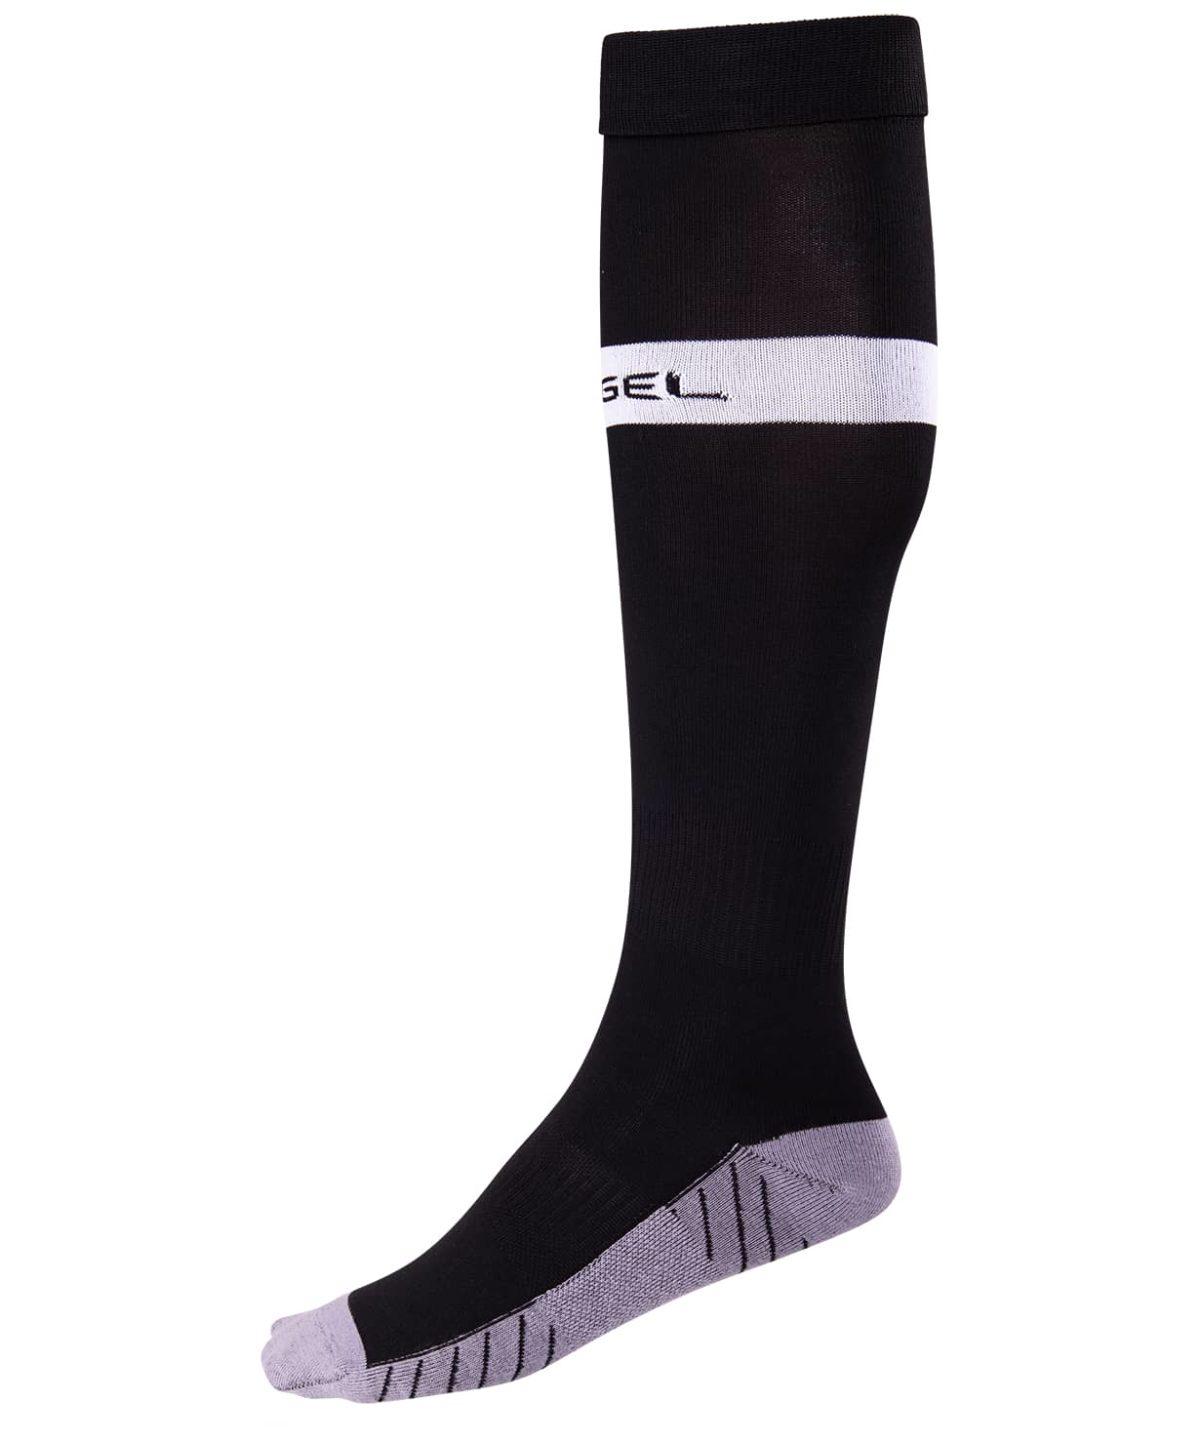 JOGEL Гетры футбольные, черный/белый  JA-003 - 1